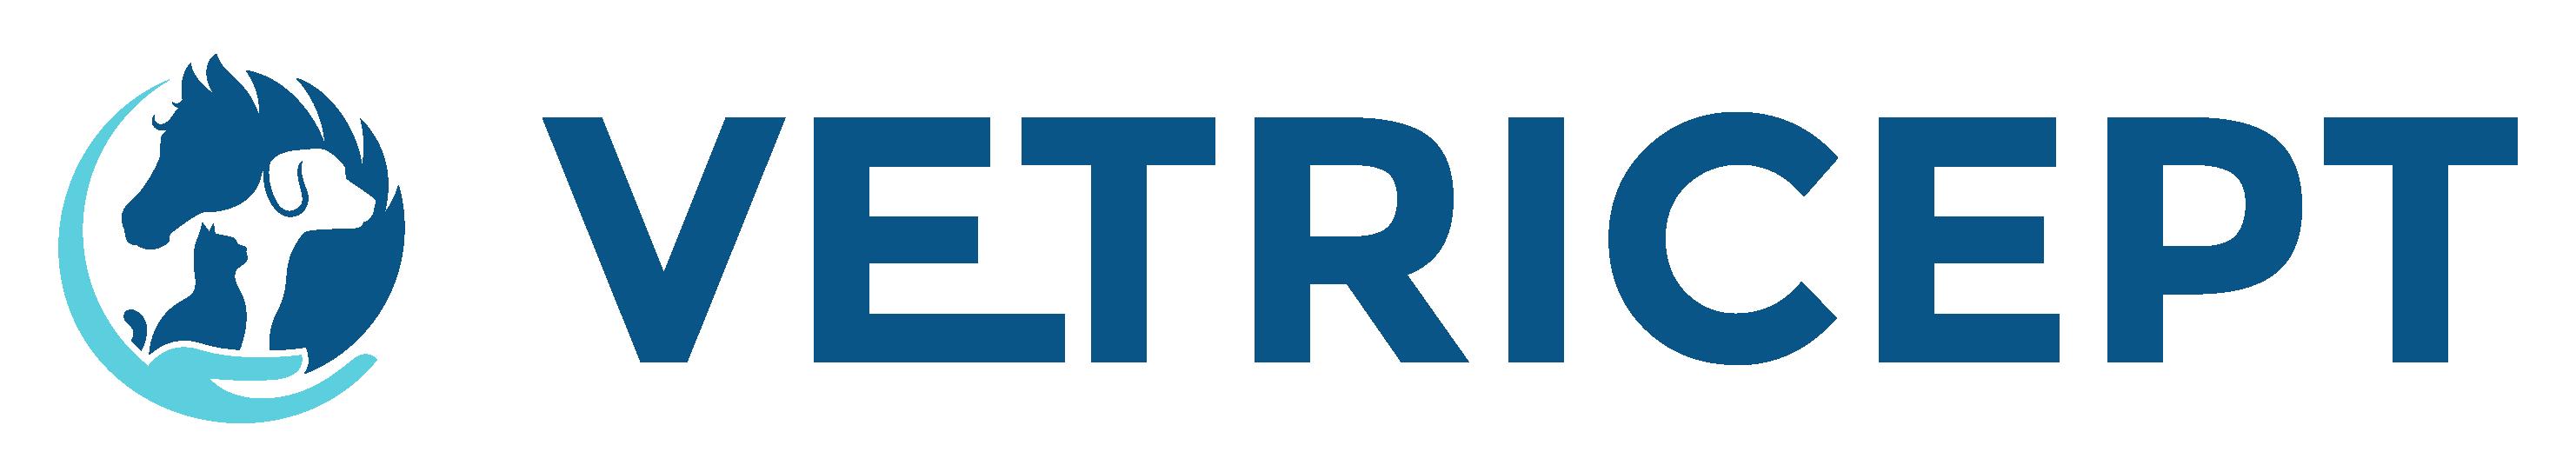 vetricept logo